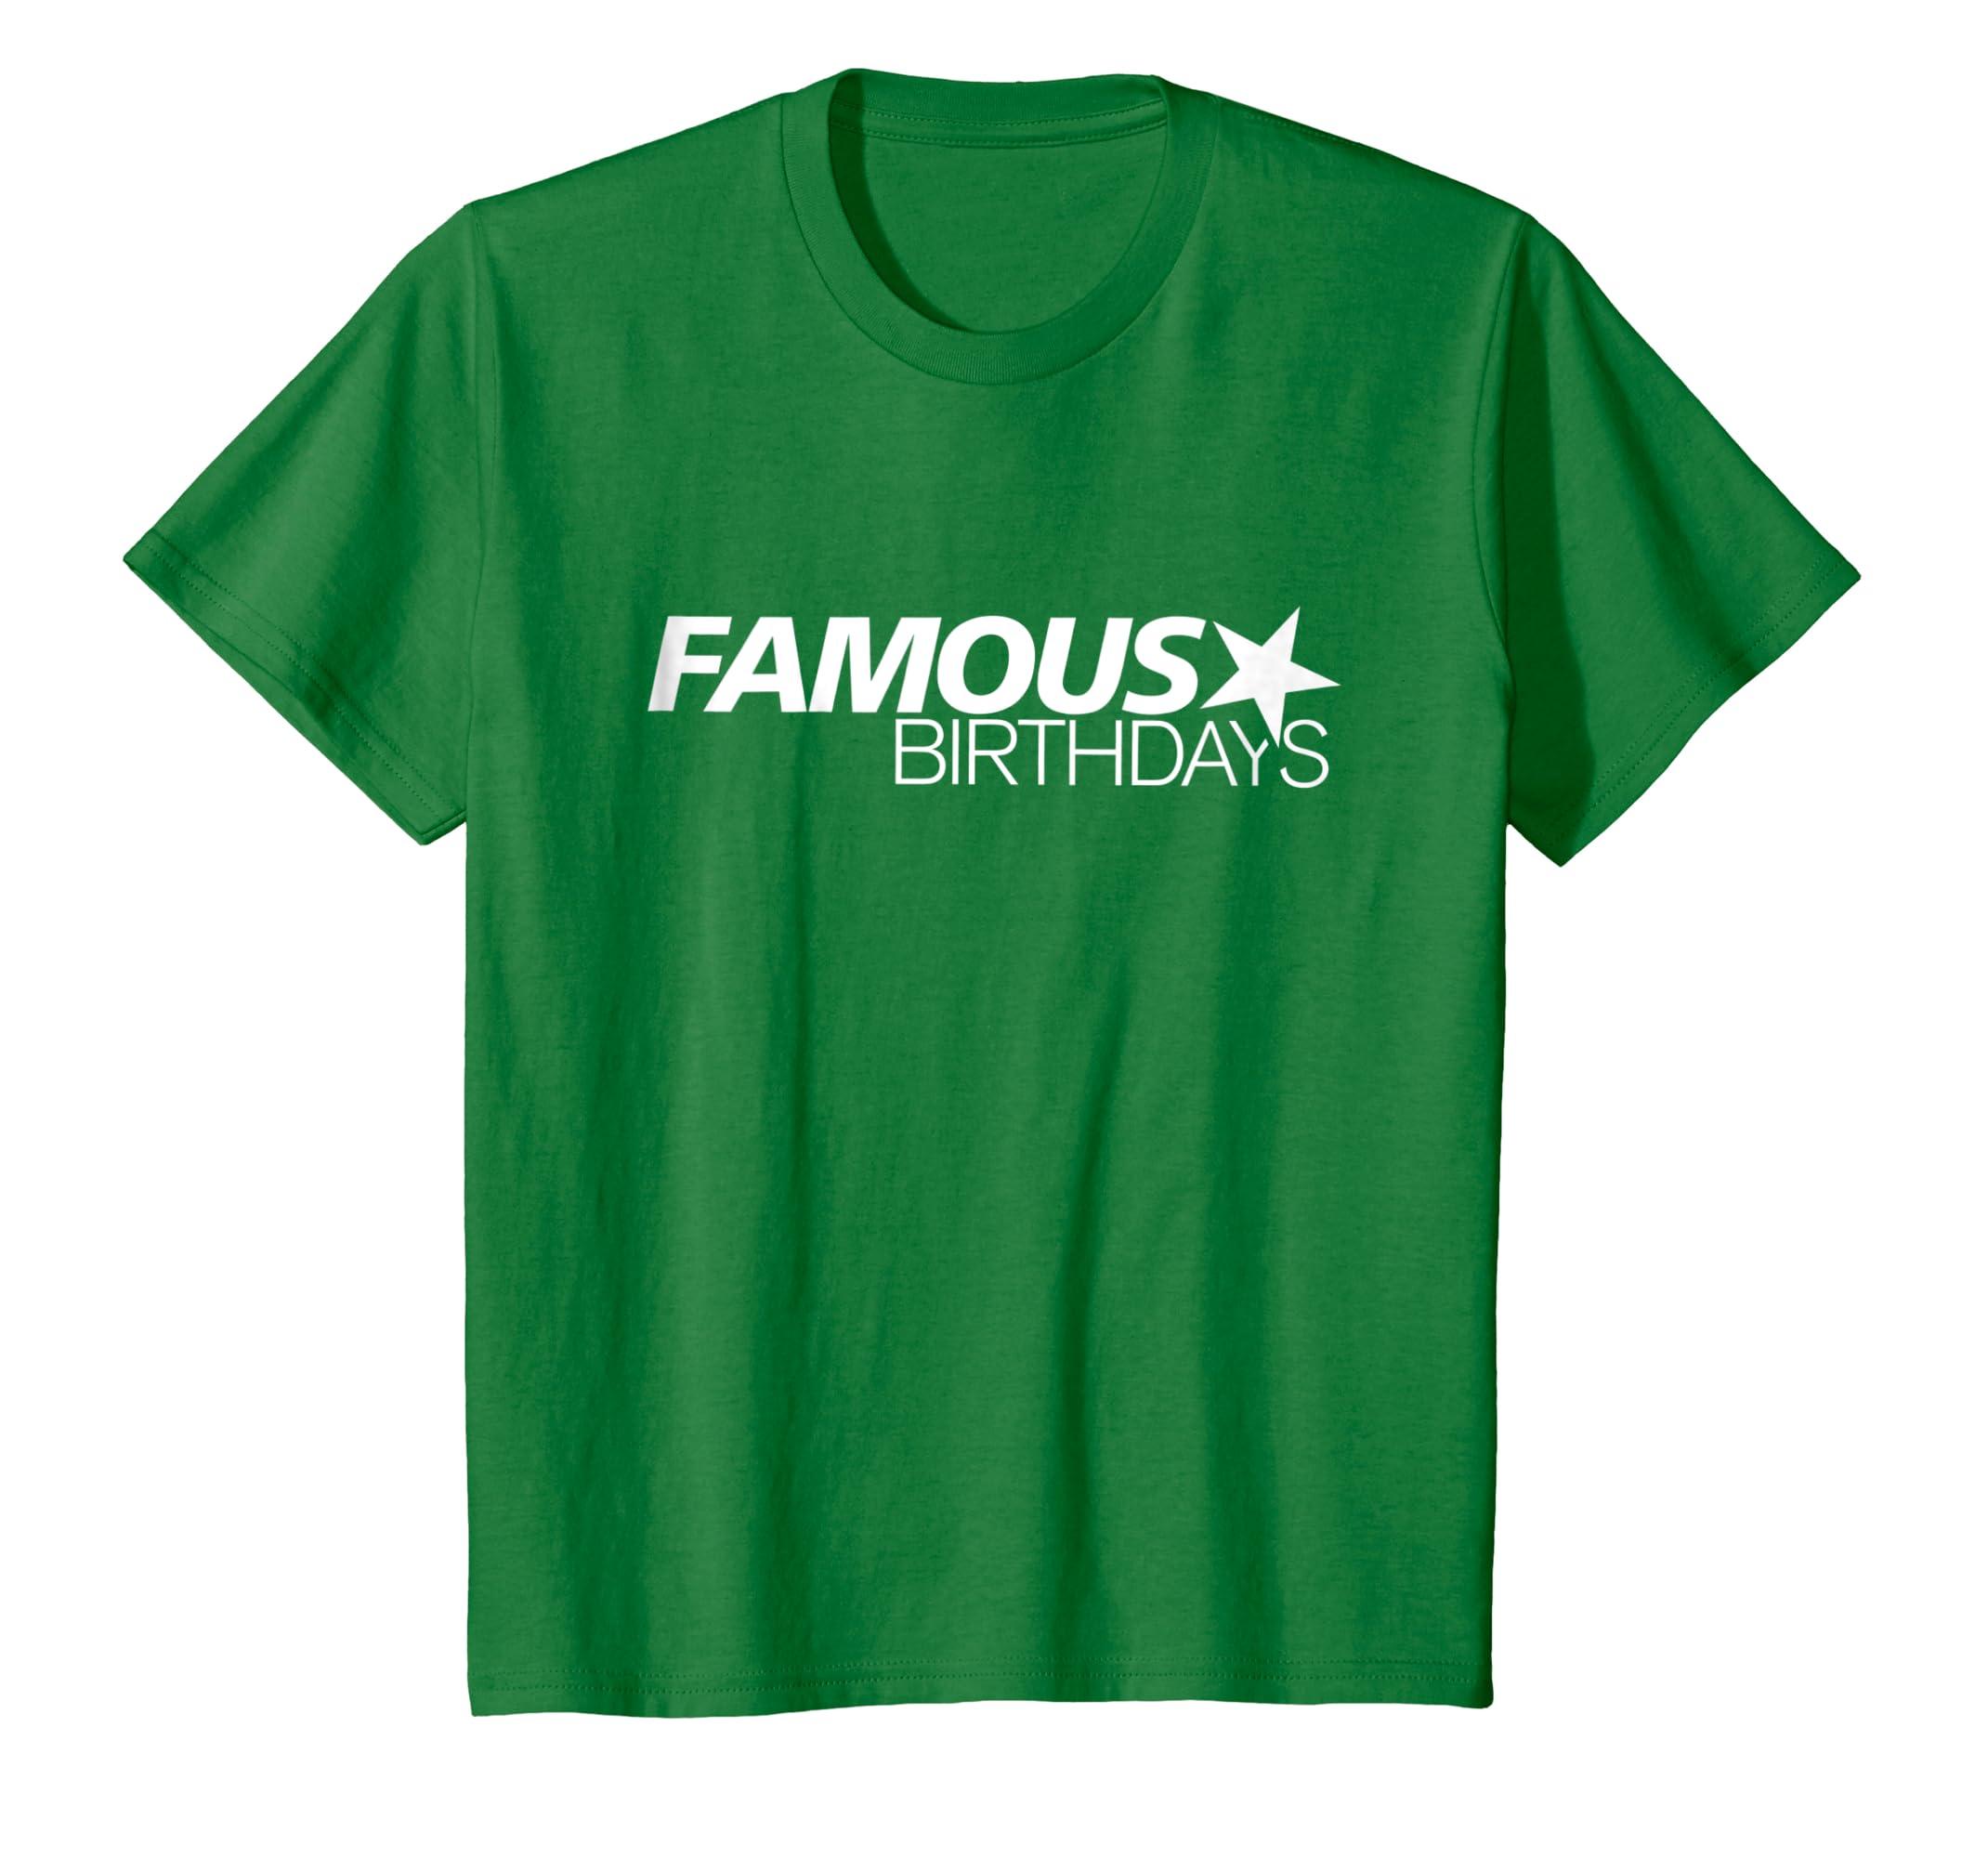 Amazon Com Famous Birthdays White Logo T Shirt Clothing